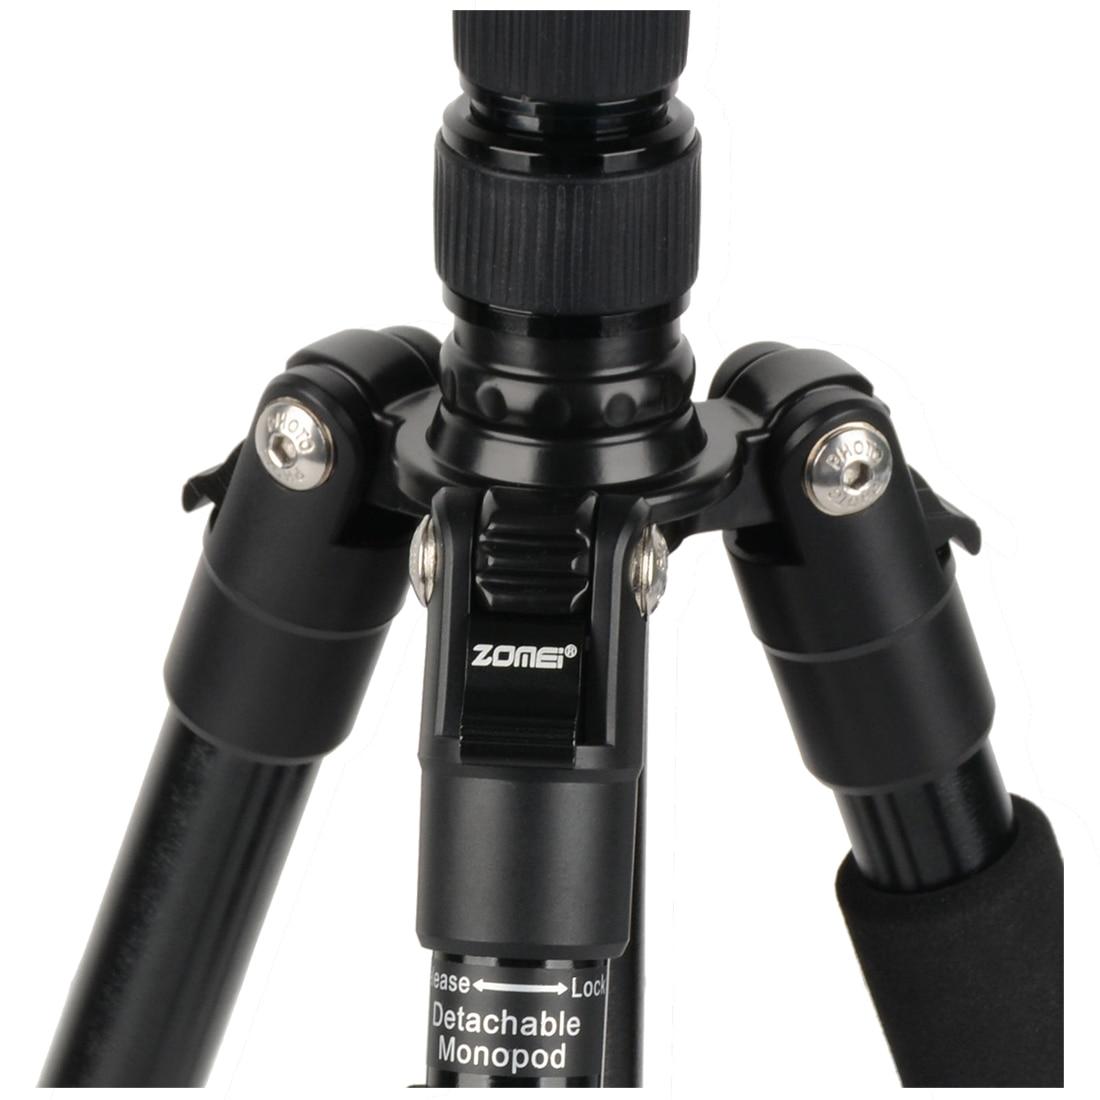 ZOMEi Q666 Profesionální cestovní fotoaparát Tripod Monopod - Videokamery a fotoaparáty - Fotografie 6